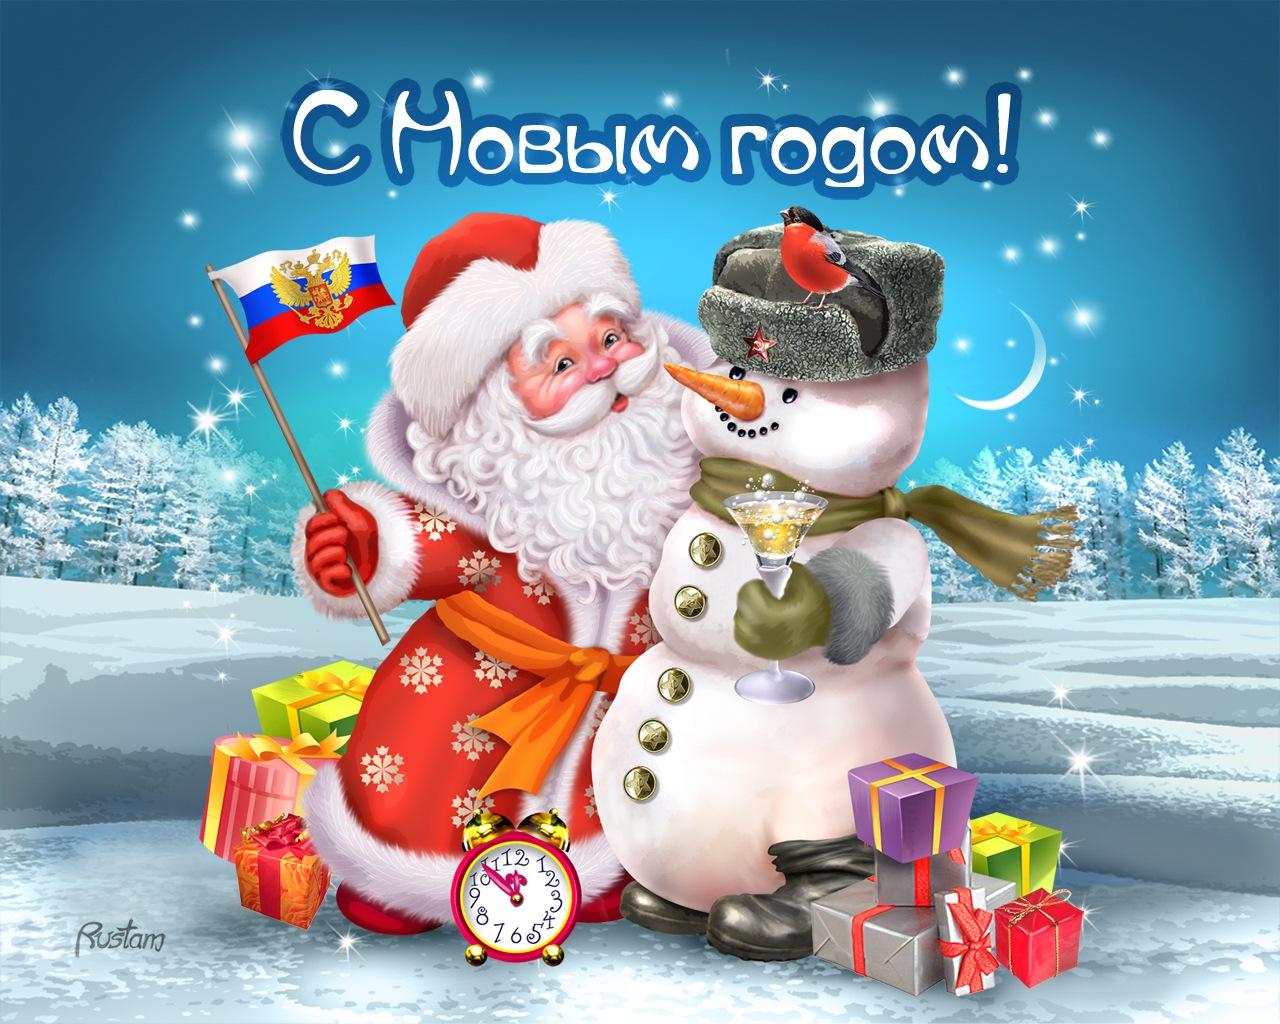 Добрые пожелания в новому году